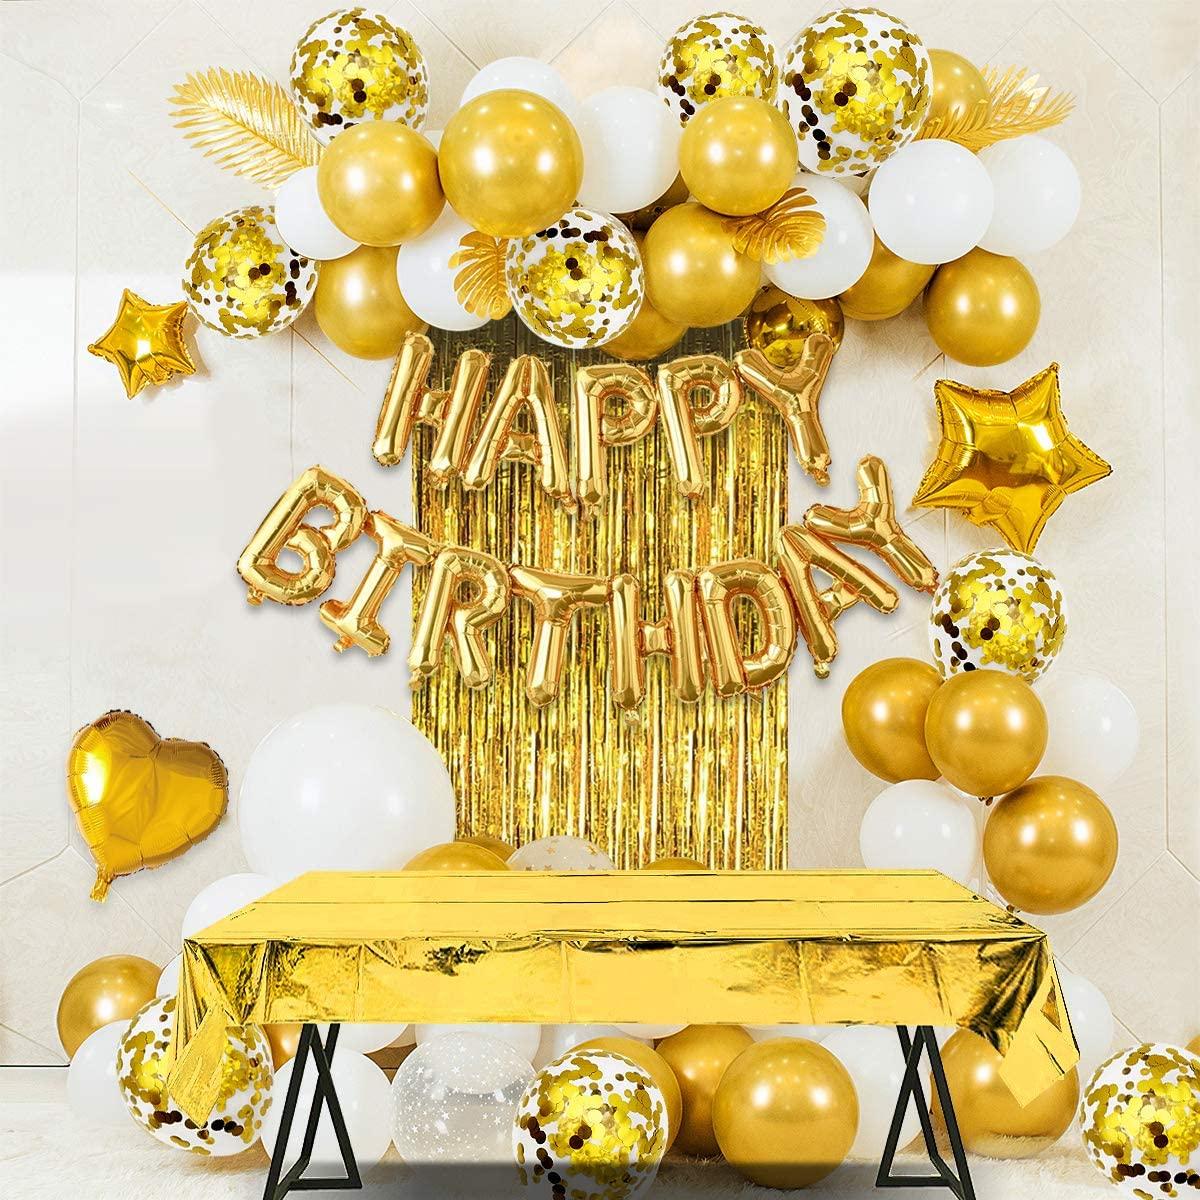 Fête d'anniversaire décoration joyeux anniversaire bannière frange rideau nappe coeur étoile confettis ballons pour fille garçon enfants adultes